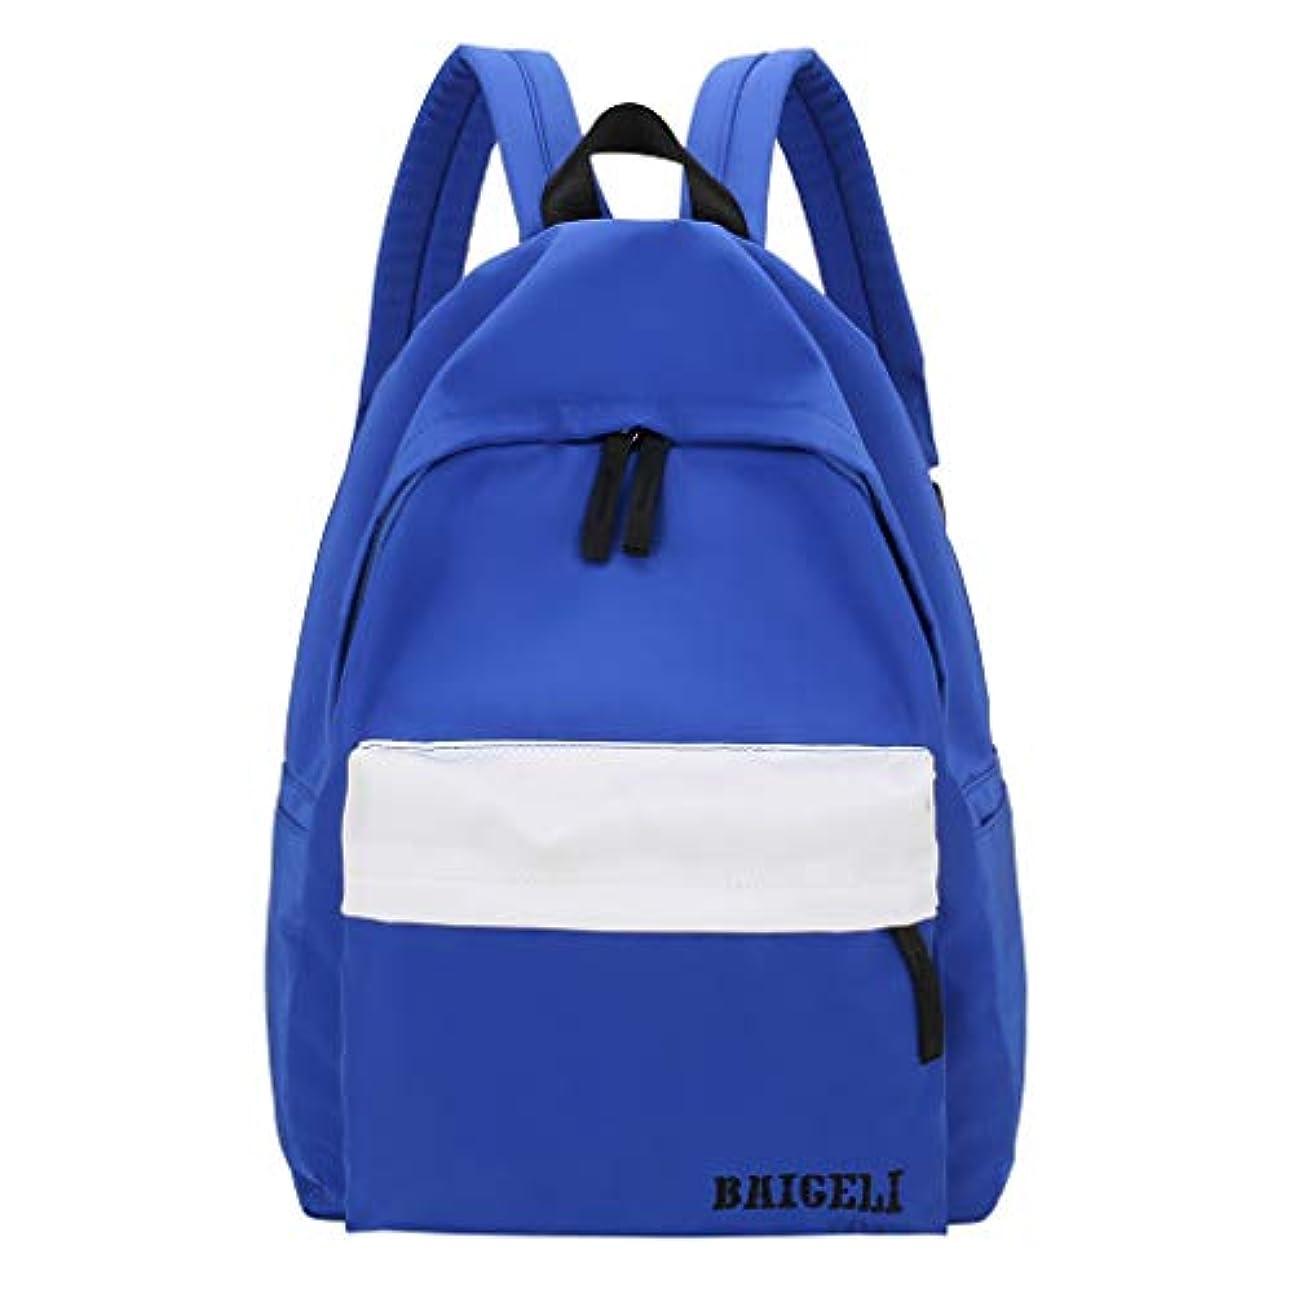 誰もレクリエーション申し立てられた女の子バッグ子どもリュックサック小学生通学遠足レディースファッションシンプルなソリッドバックパック可愛い 通勤 通学 大容量 おしゃれ 大人 ビジネスリュック カップルュックサック